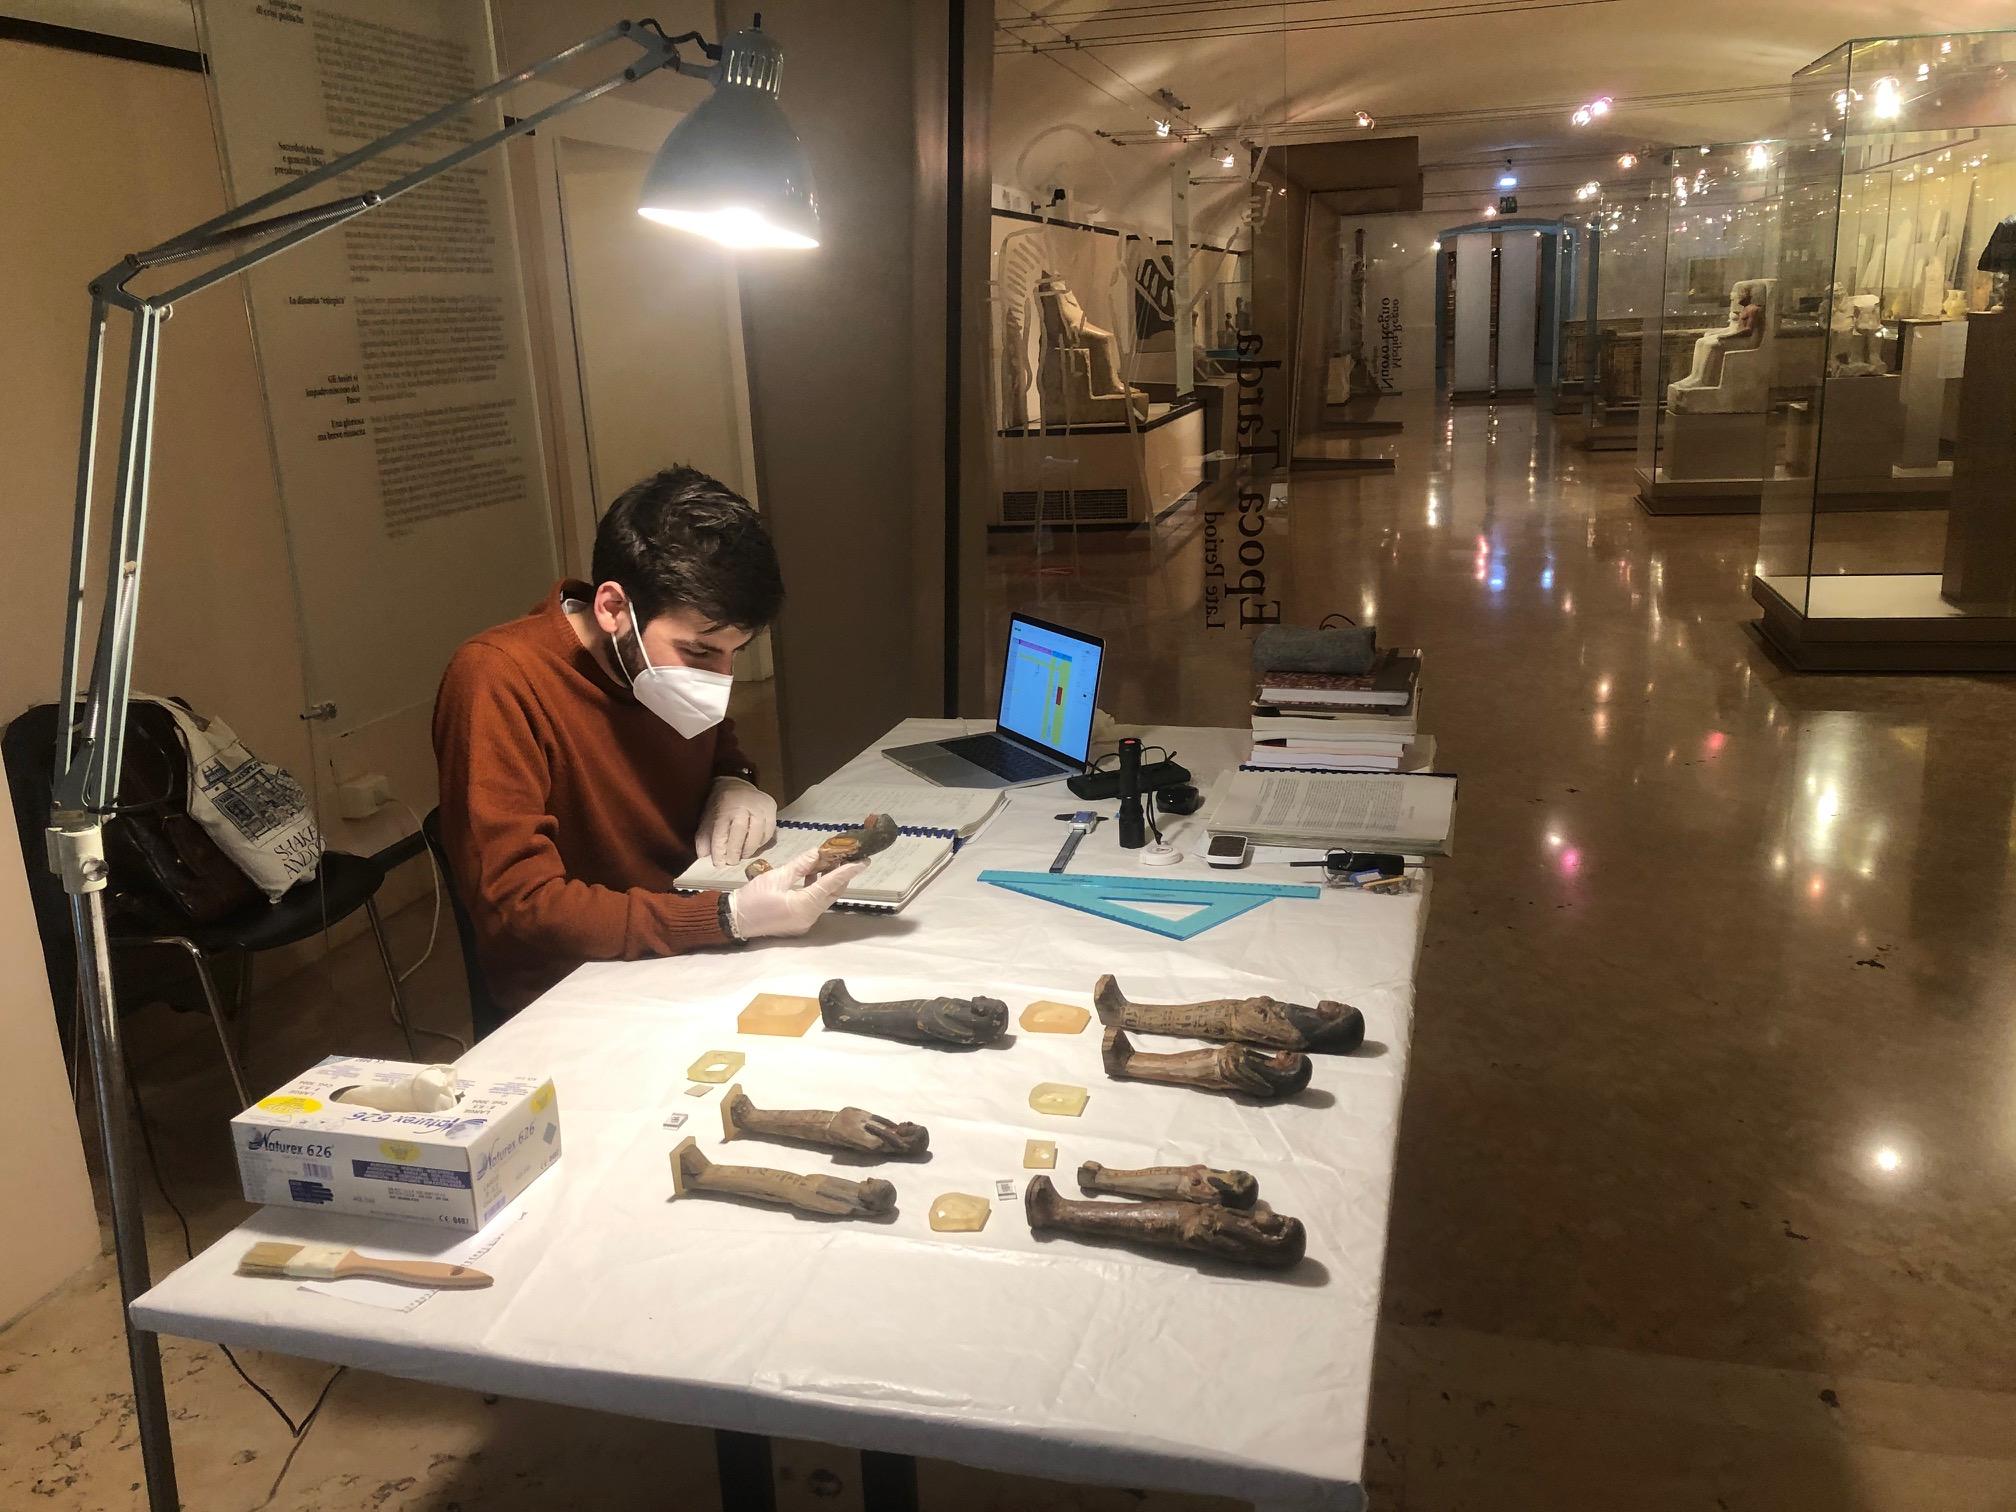 bologna_archeologico_laboratorio-egittologia_analisi-reperti_foto-bologna-musei